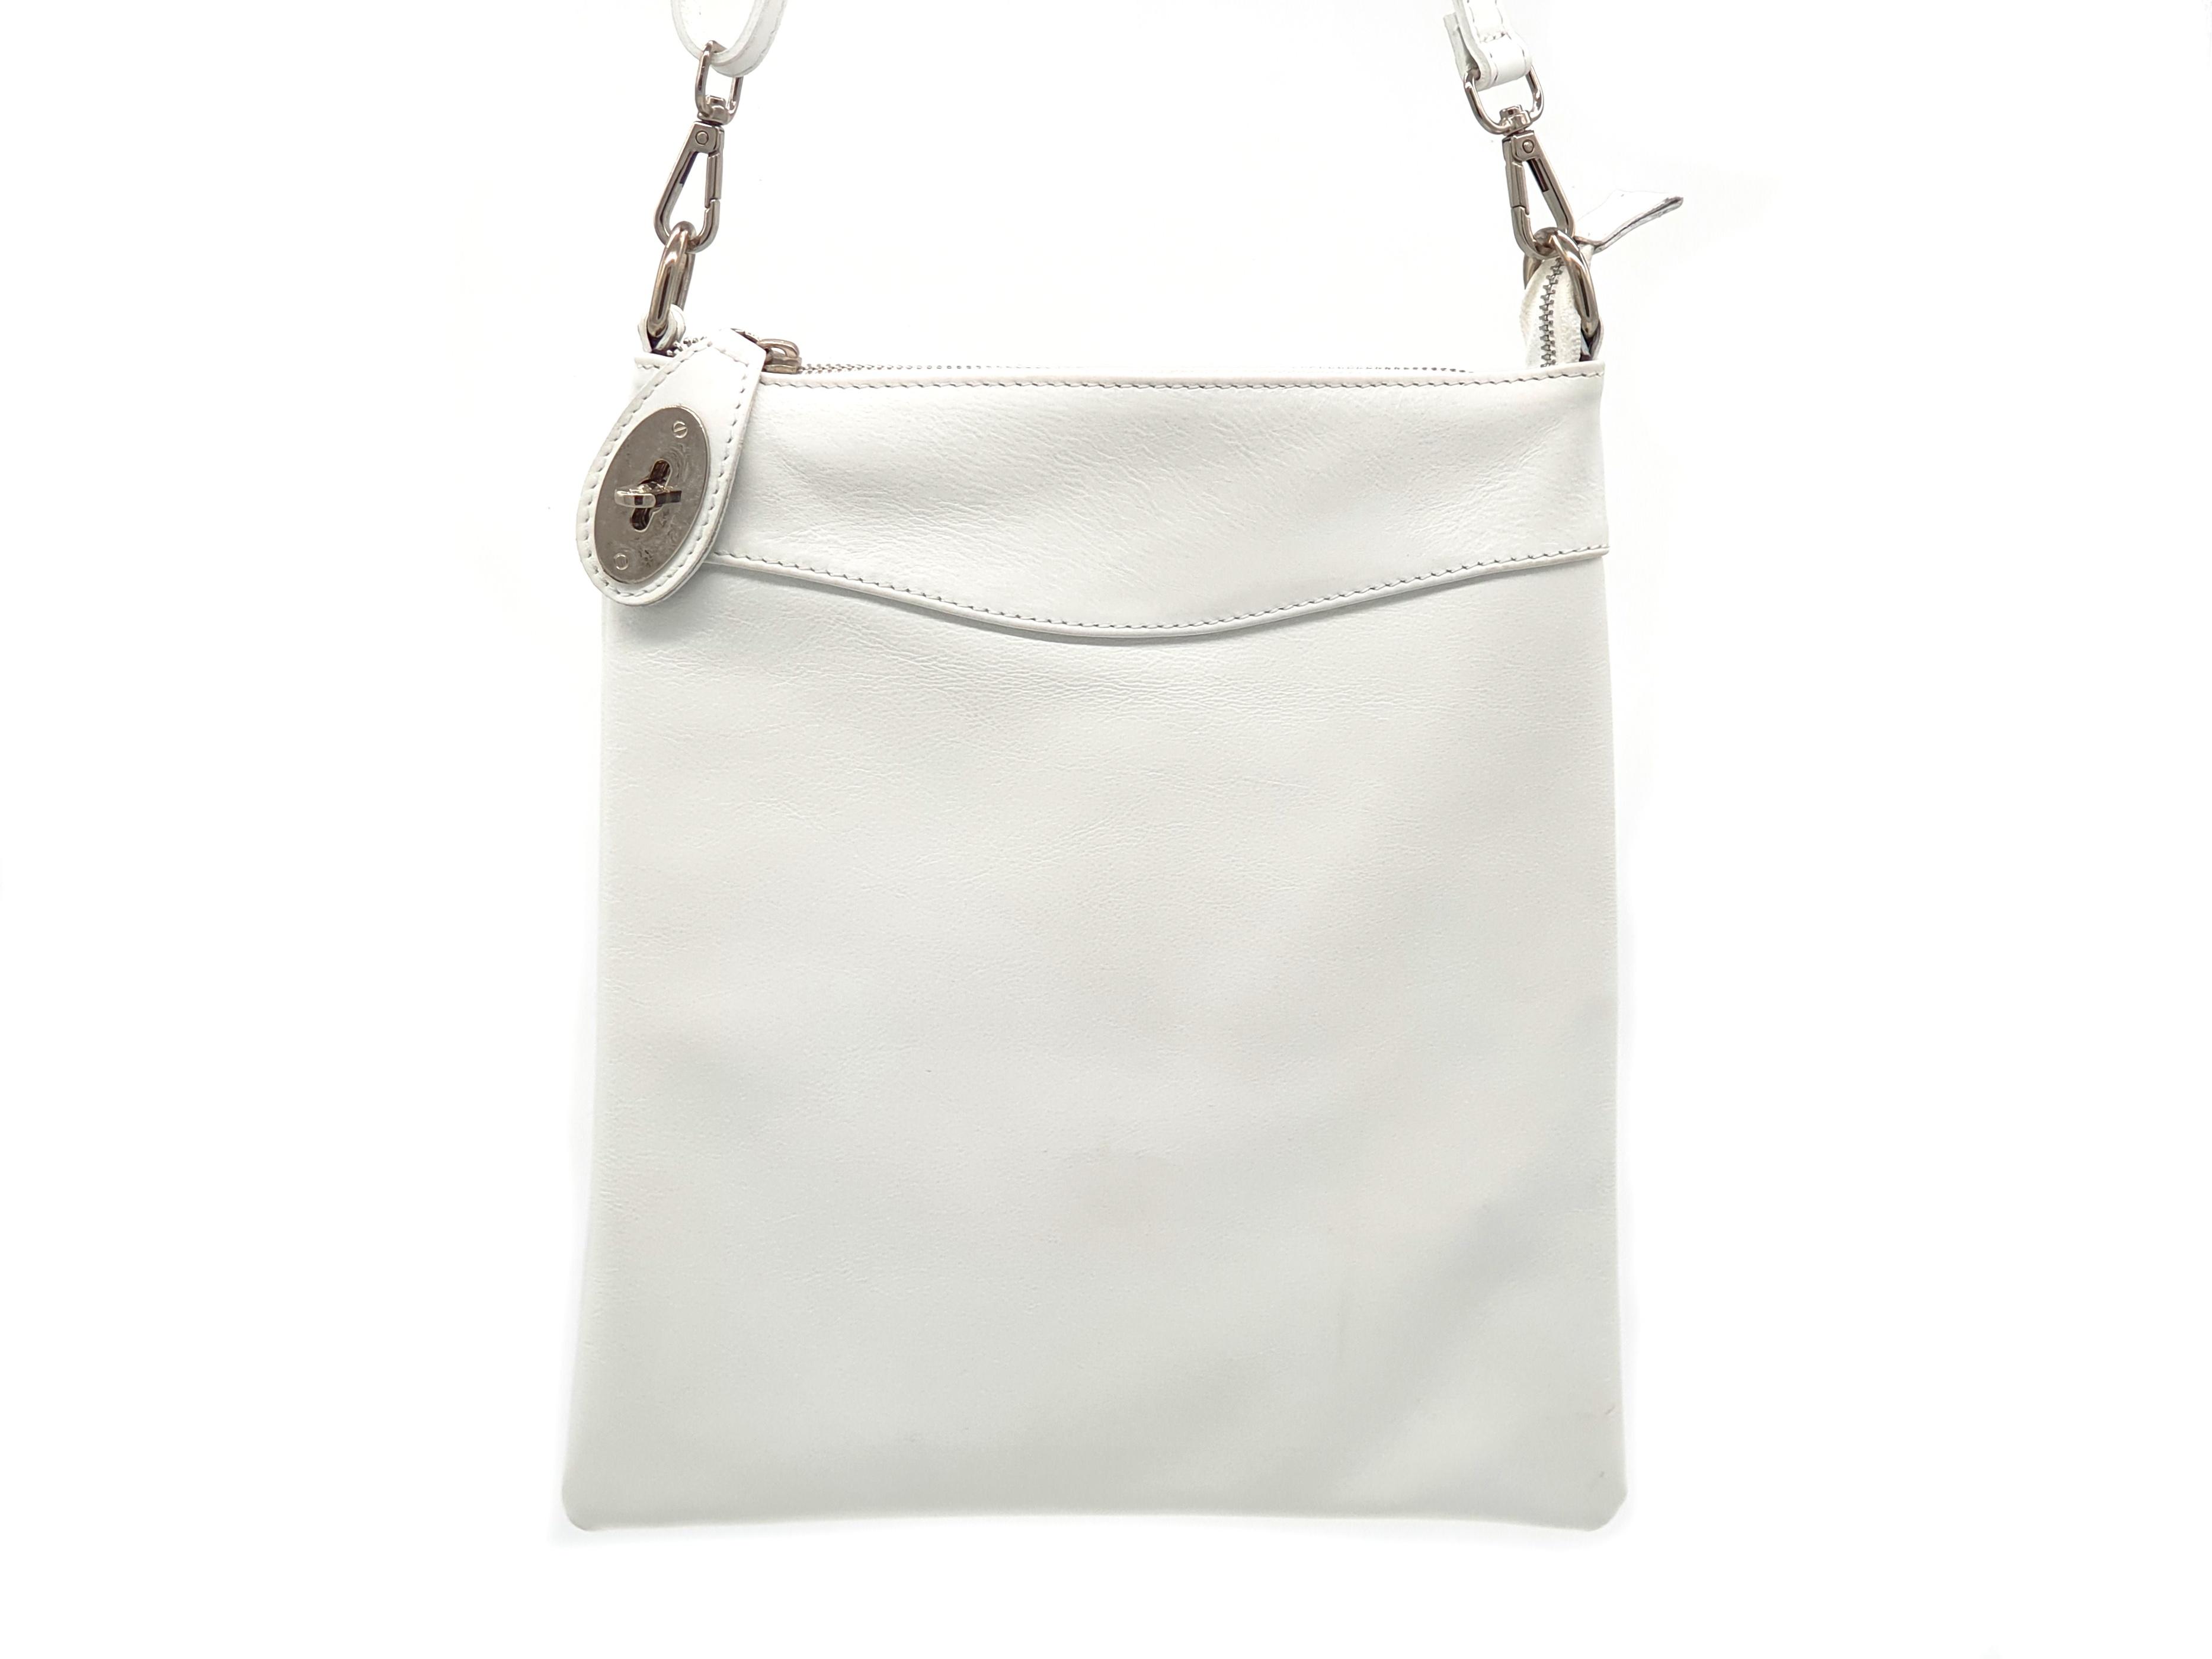 Kožená kabelka Ara 15 bílá